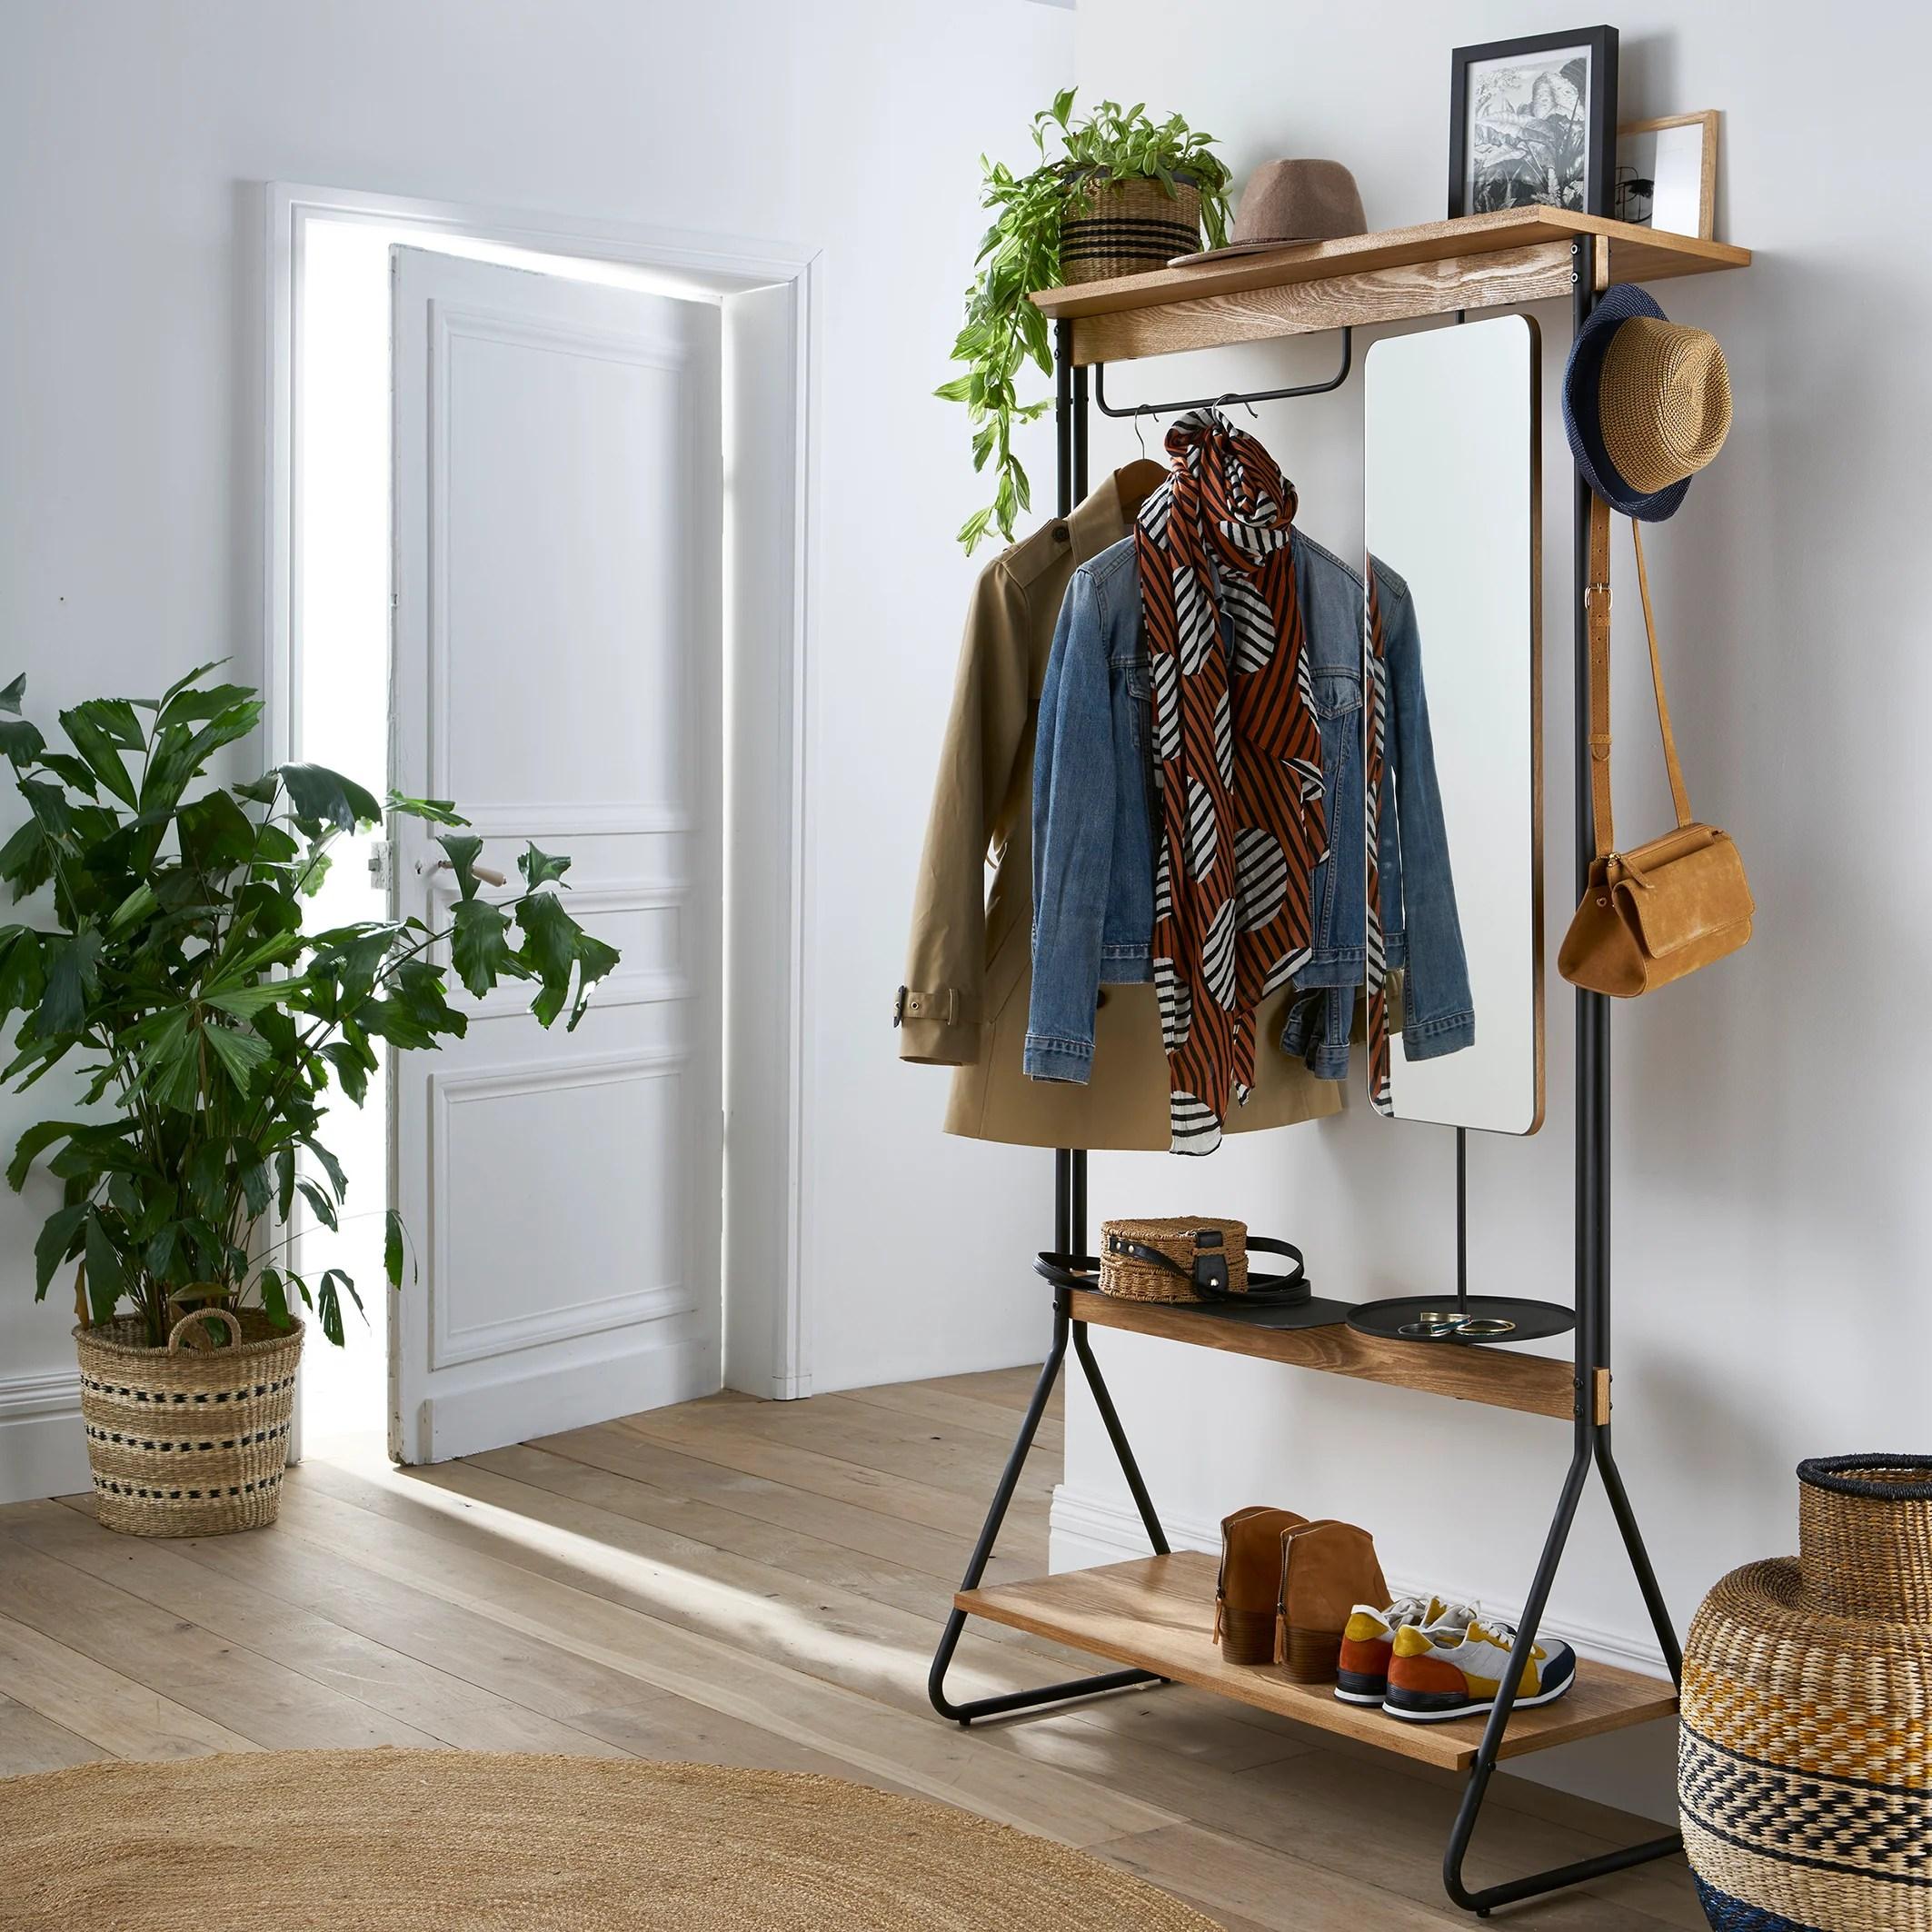 Set mobili ingresso design moderno scarpiera panca specchio appendiabiti casa. Come Scegliere L Arredamento Per L Ingresso Di Casa La Redoute